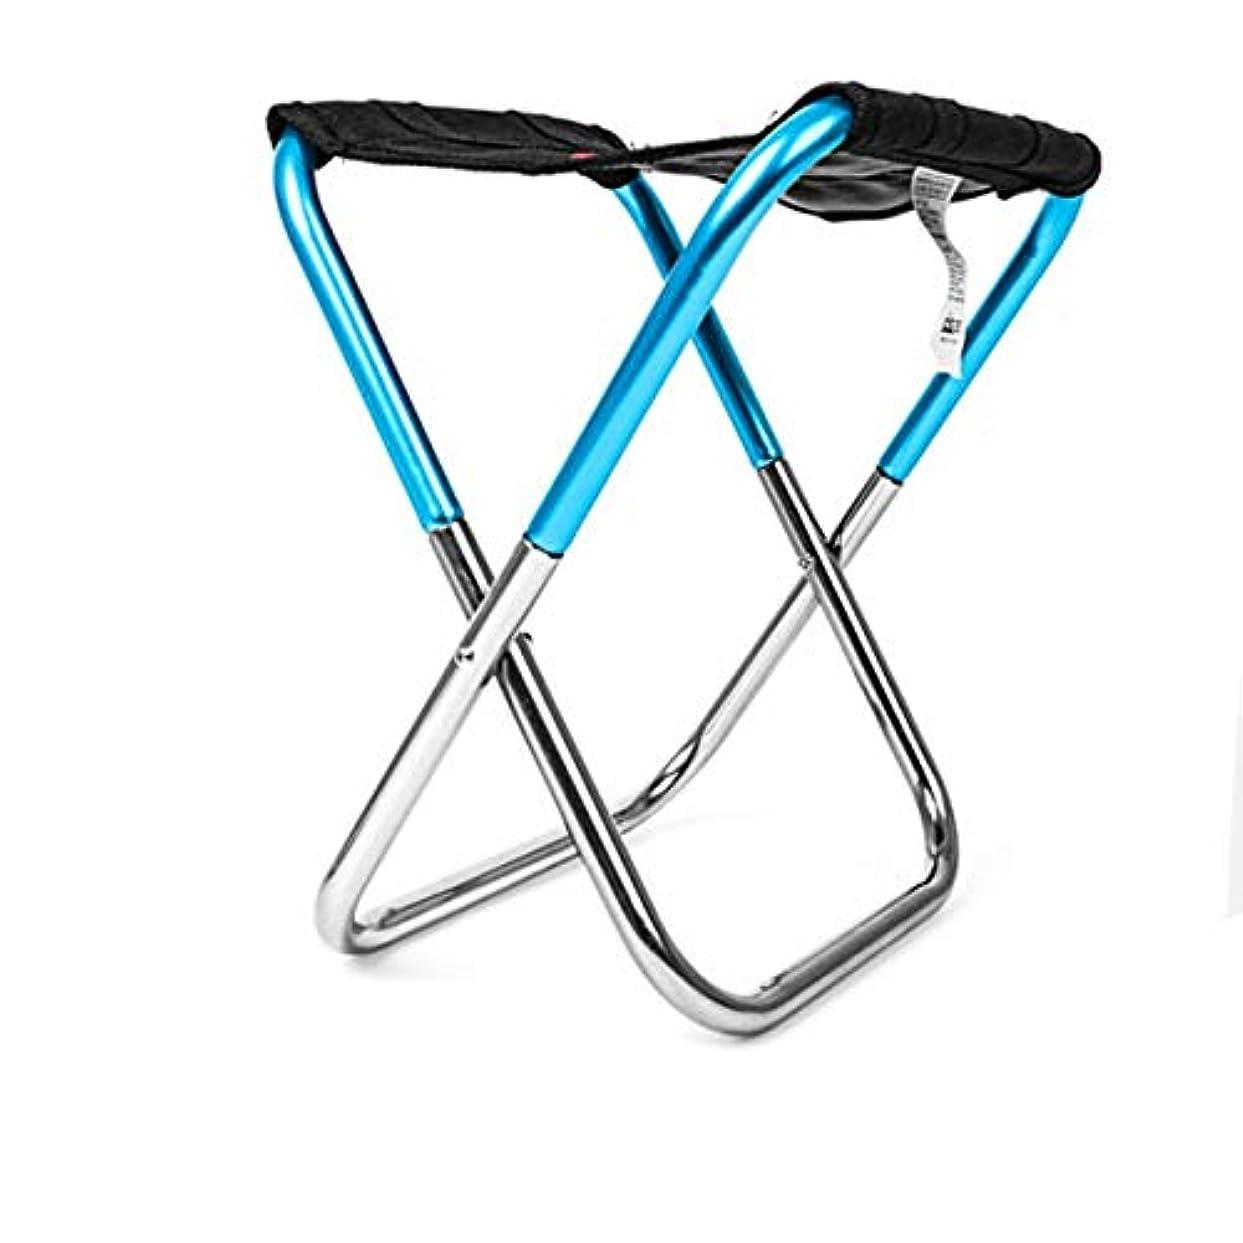 ペルセウス夫婦自治屋外折りたたみシートチェア折りたたみミニスツールポータブルキャンプフィッシングトレインベンチ折りたたみ式並んだスツール-ブルー